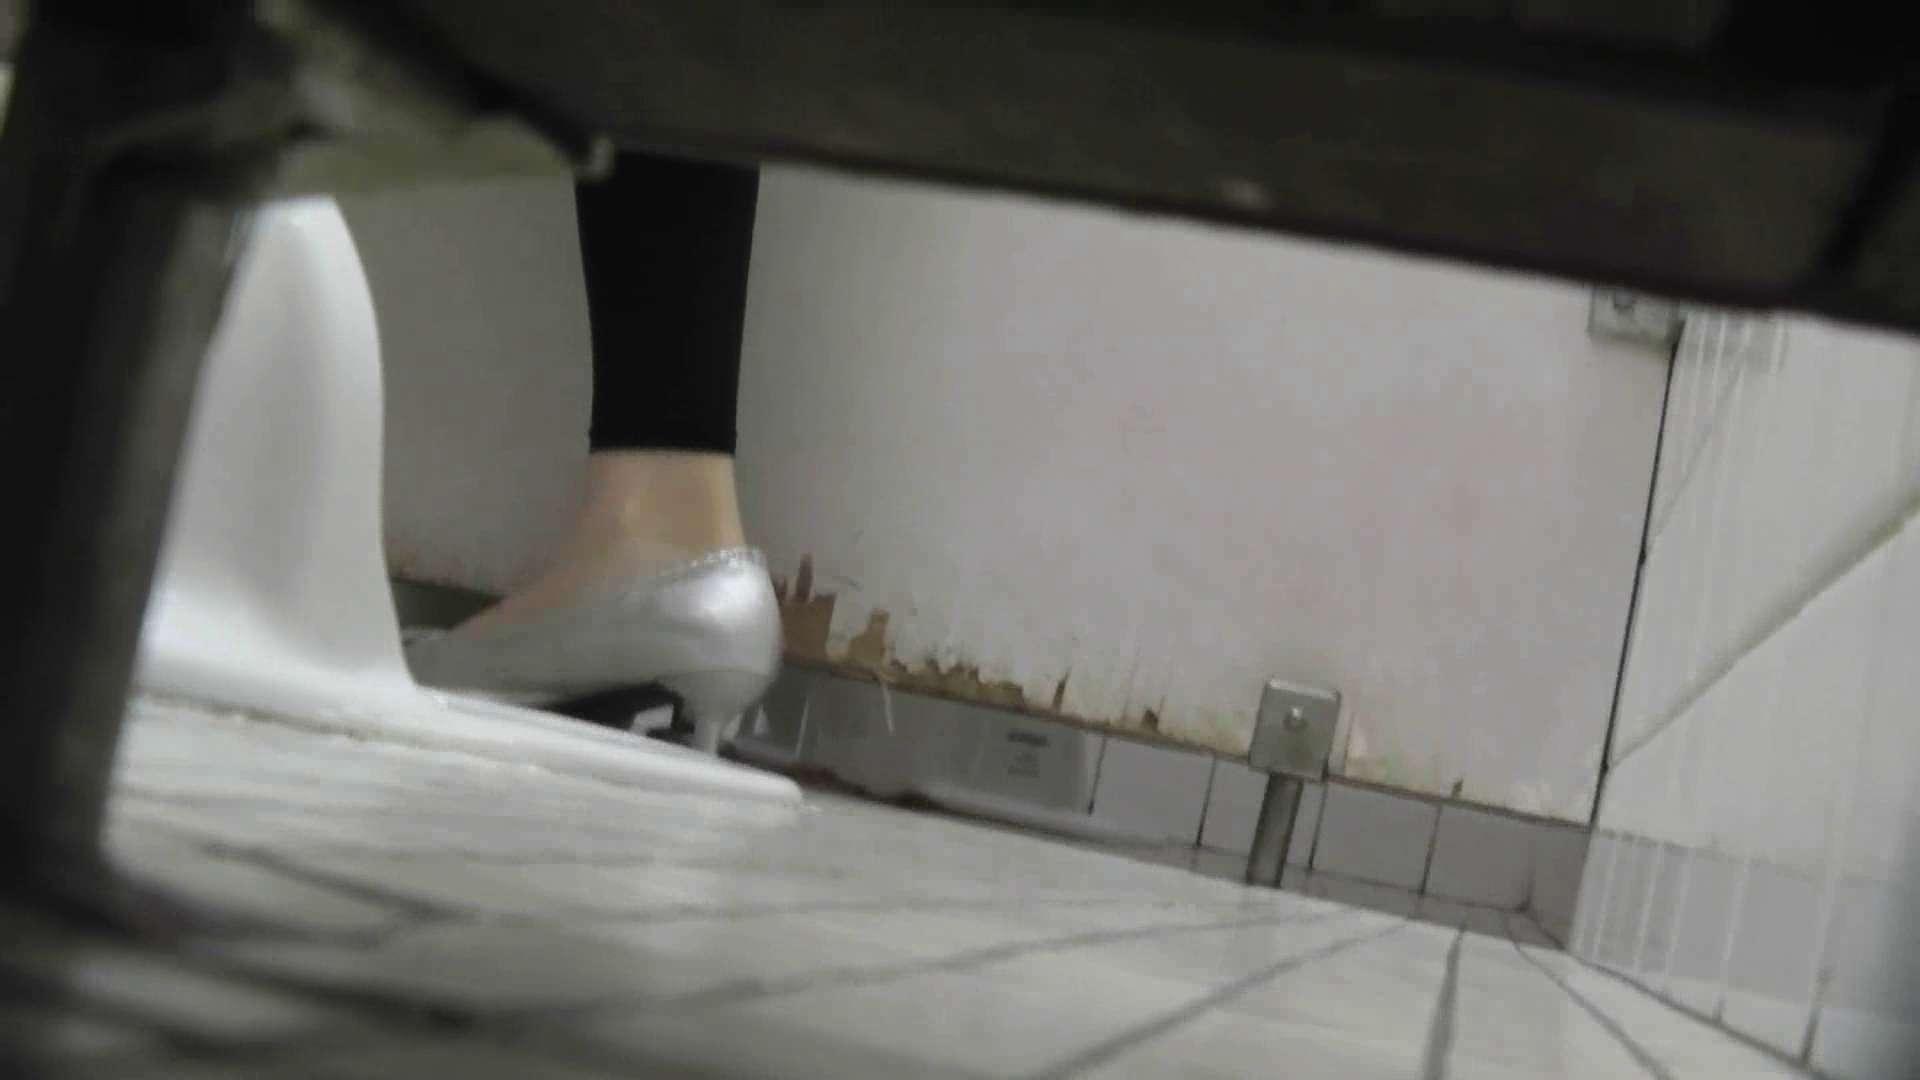 洗面所特攻隊 vol.003 洗面所特攻隊さん本気を出しました。 洗面所 | OLのボディ  99PIX 1